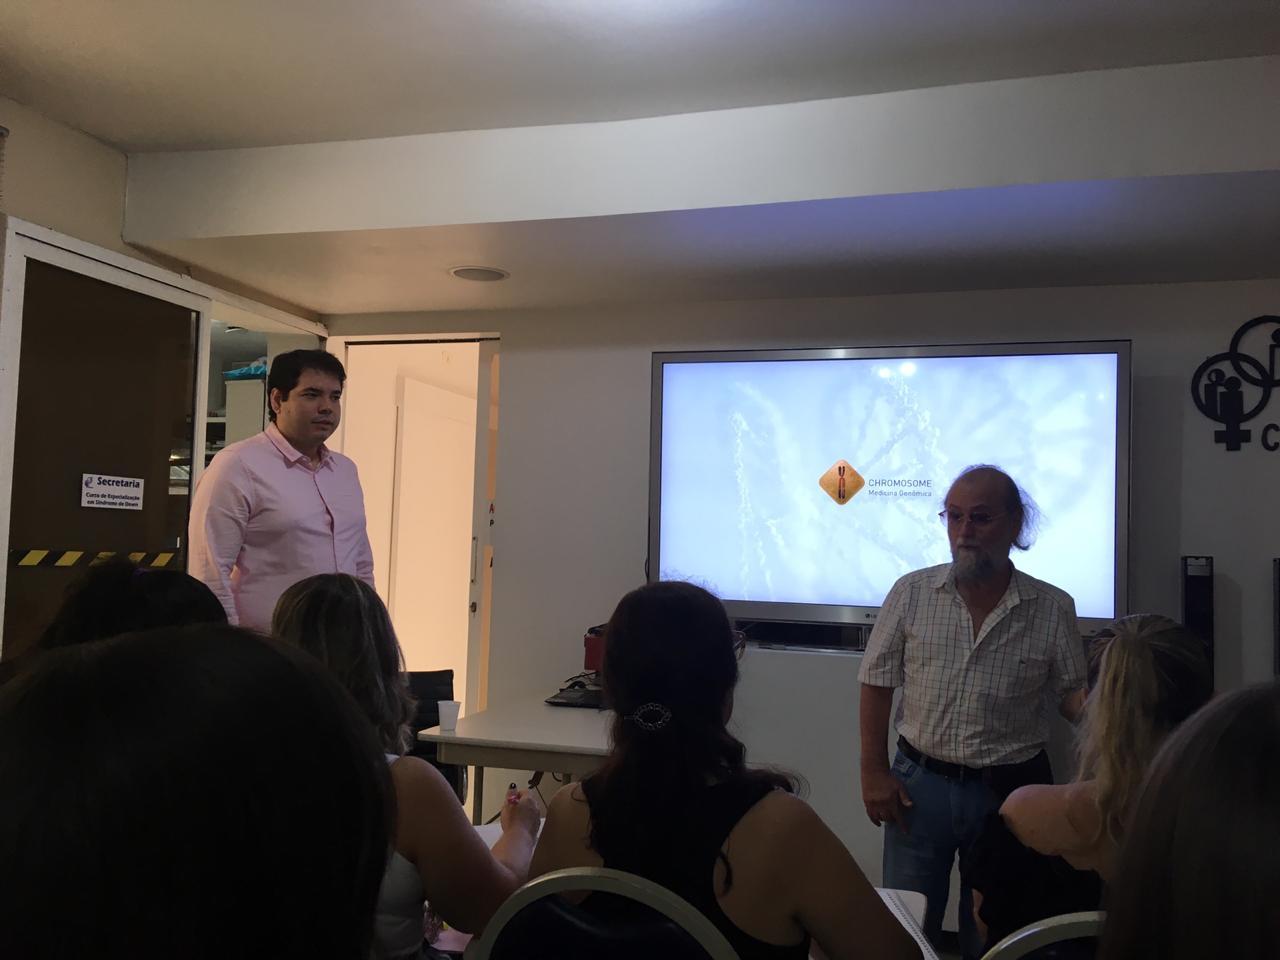 palestra síndrome de down caio graco bruzaca zan mustacchi aula palestra sobre genética